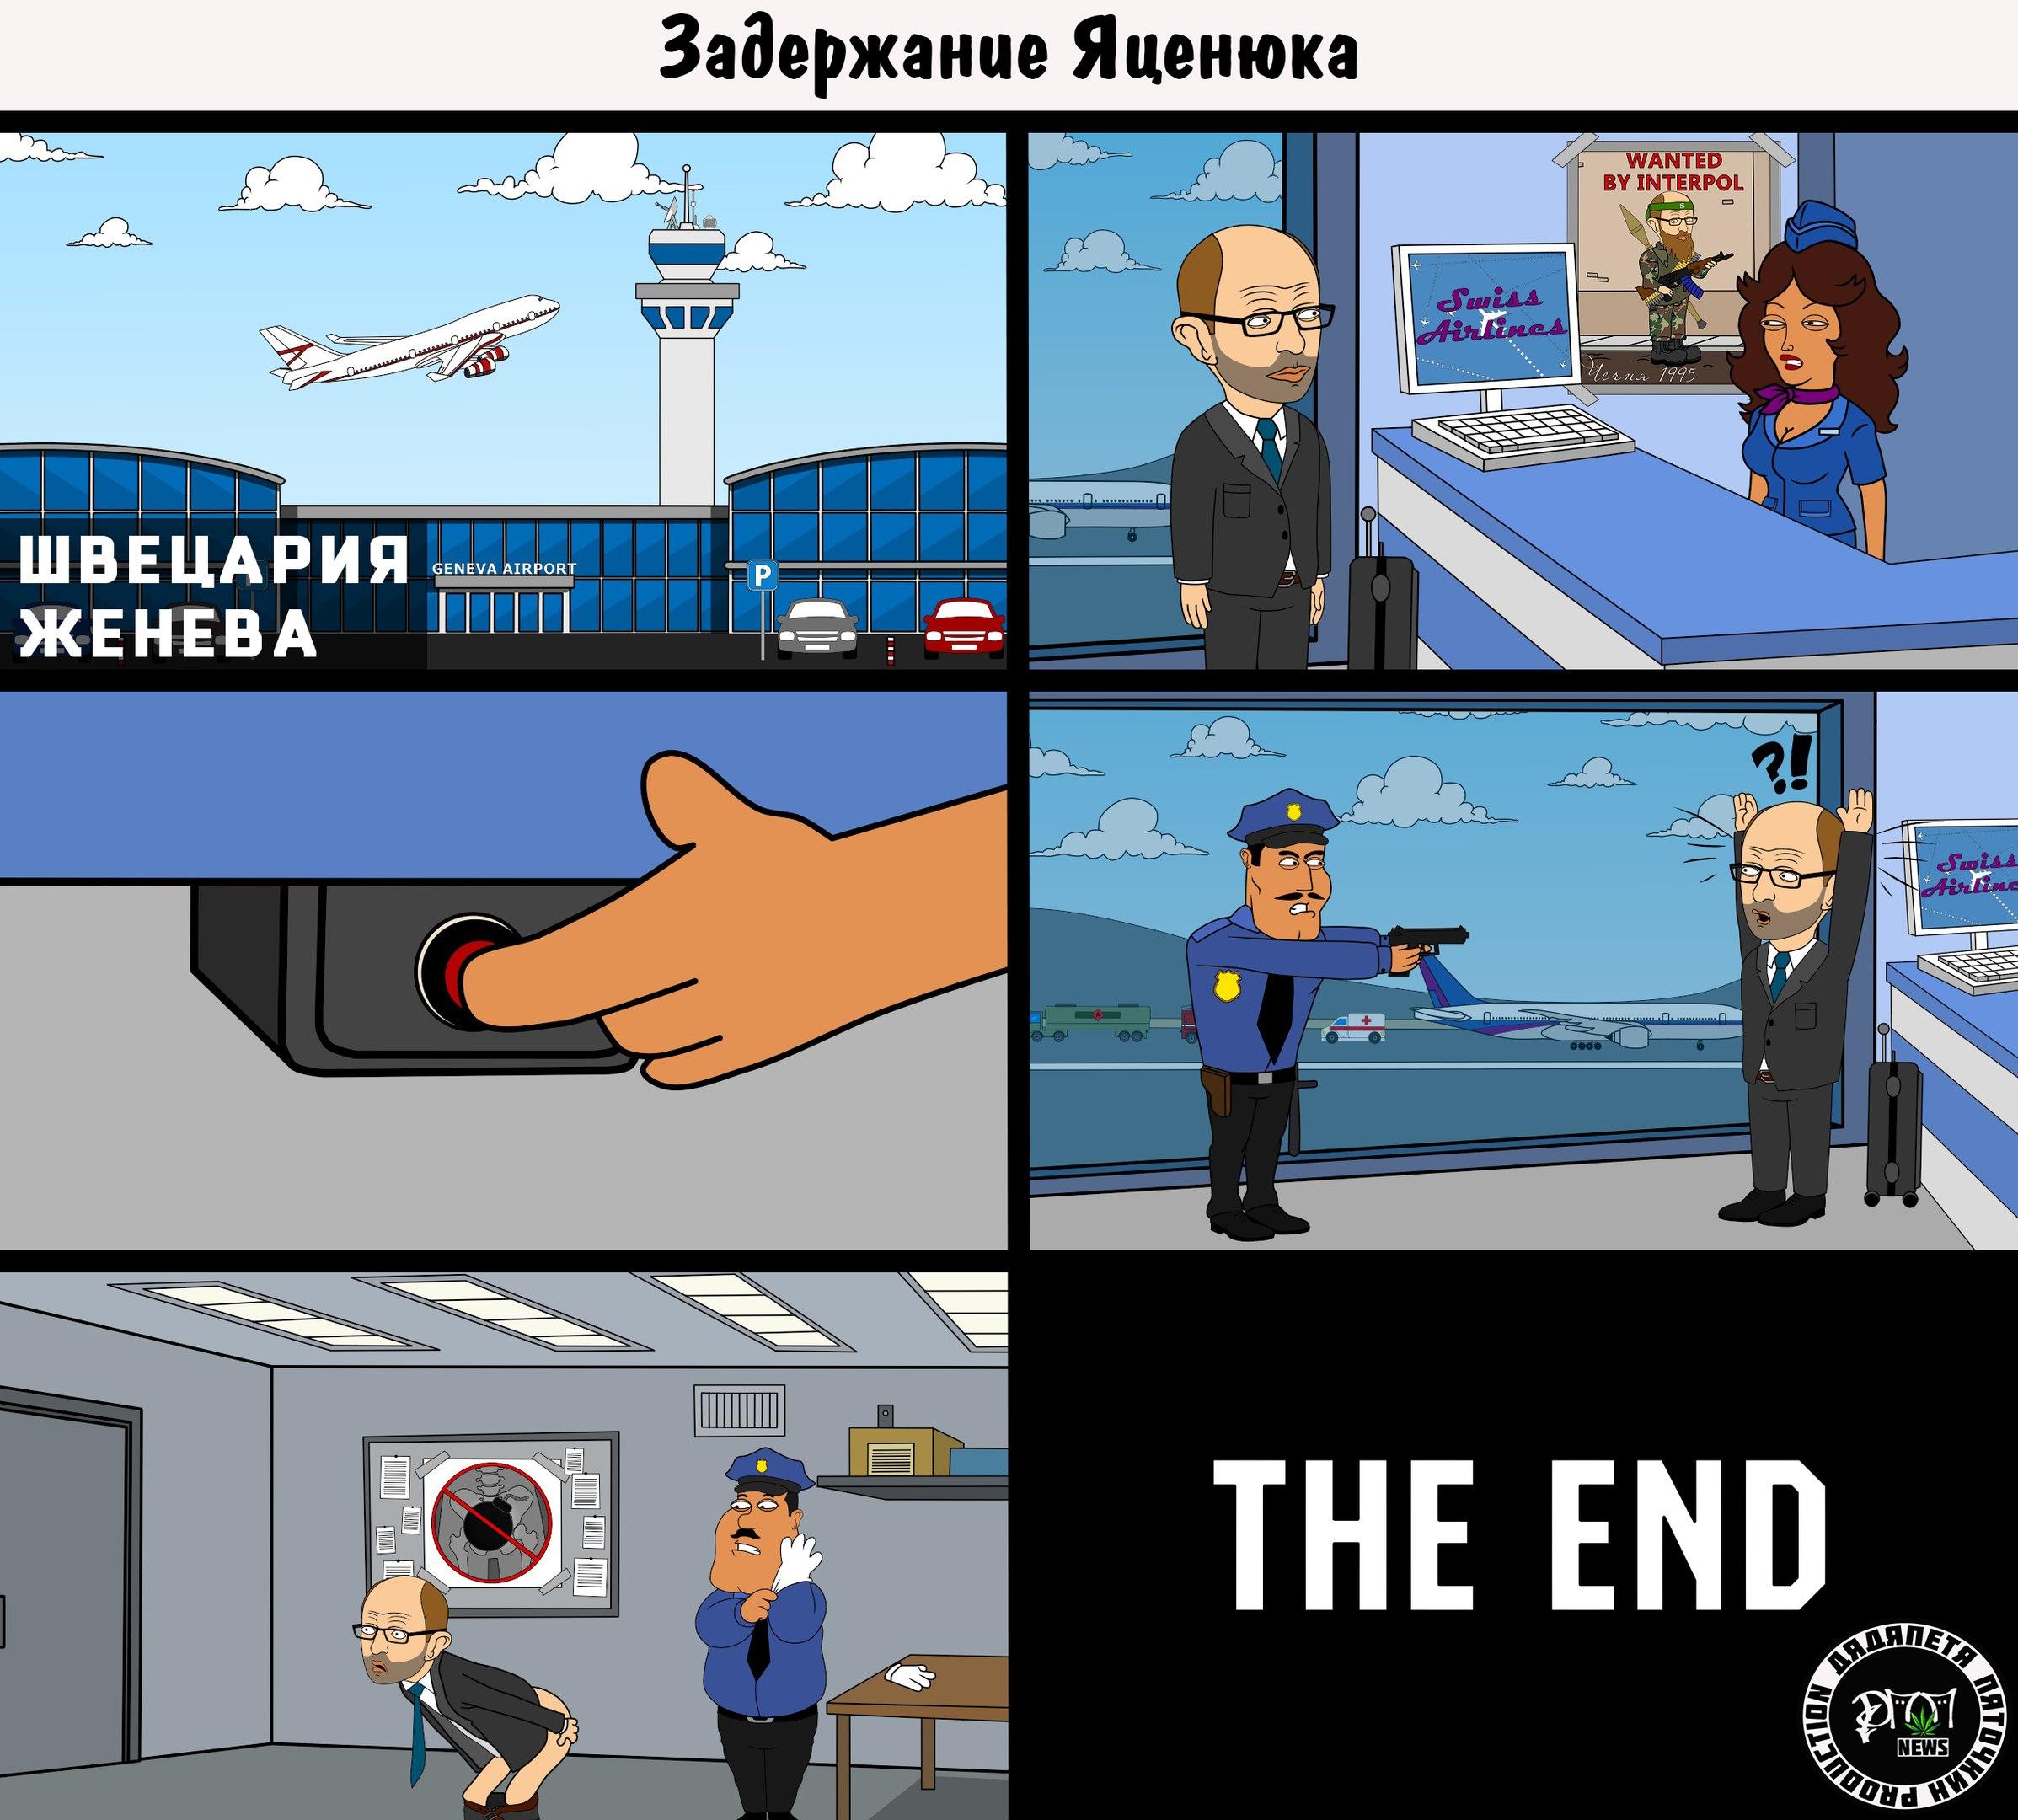 Задержание Яценюка